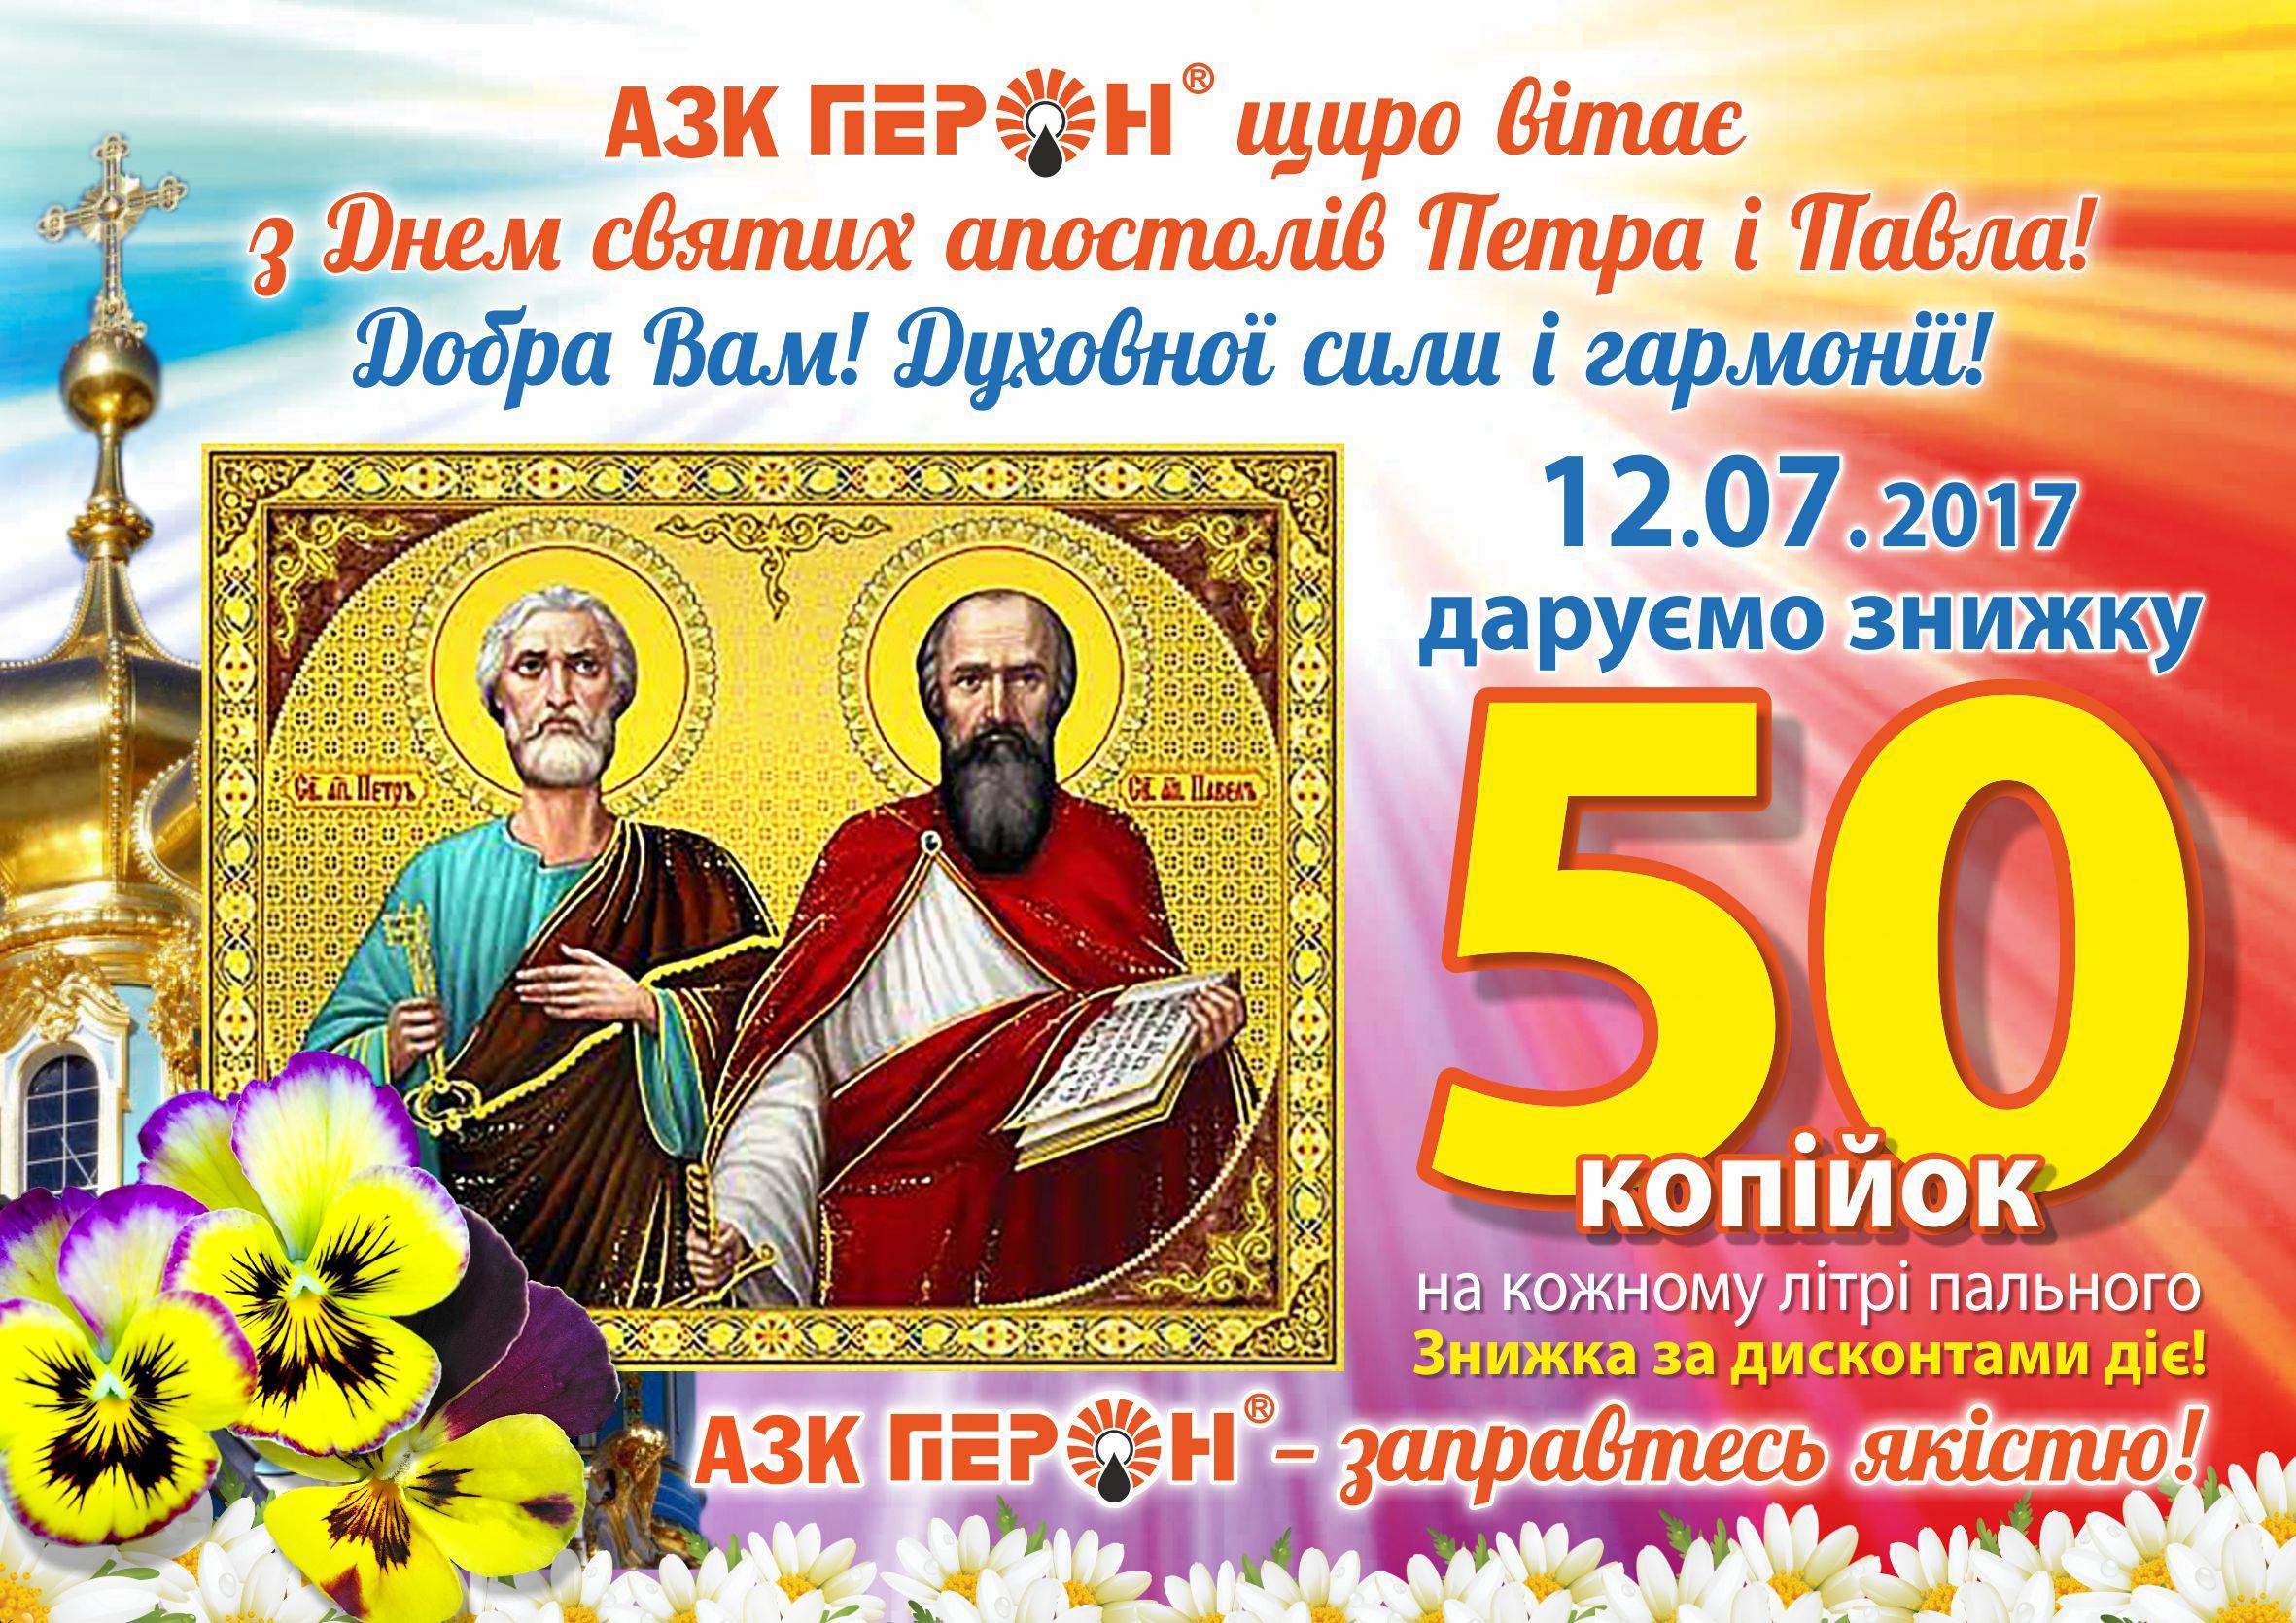 С праздником Петра и Павла!